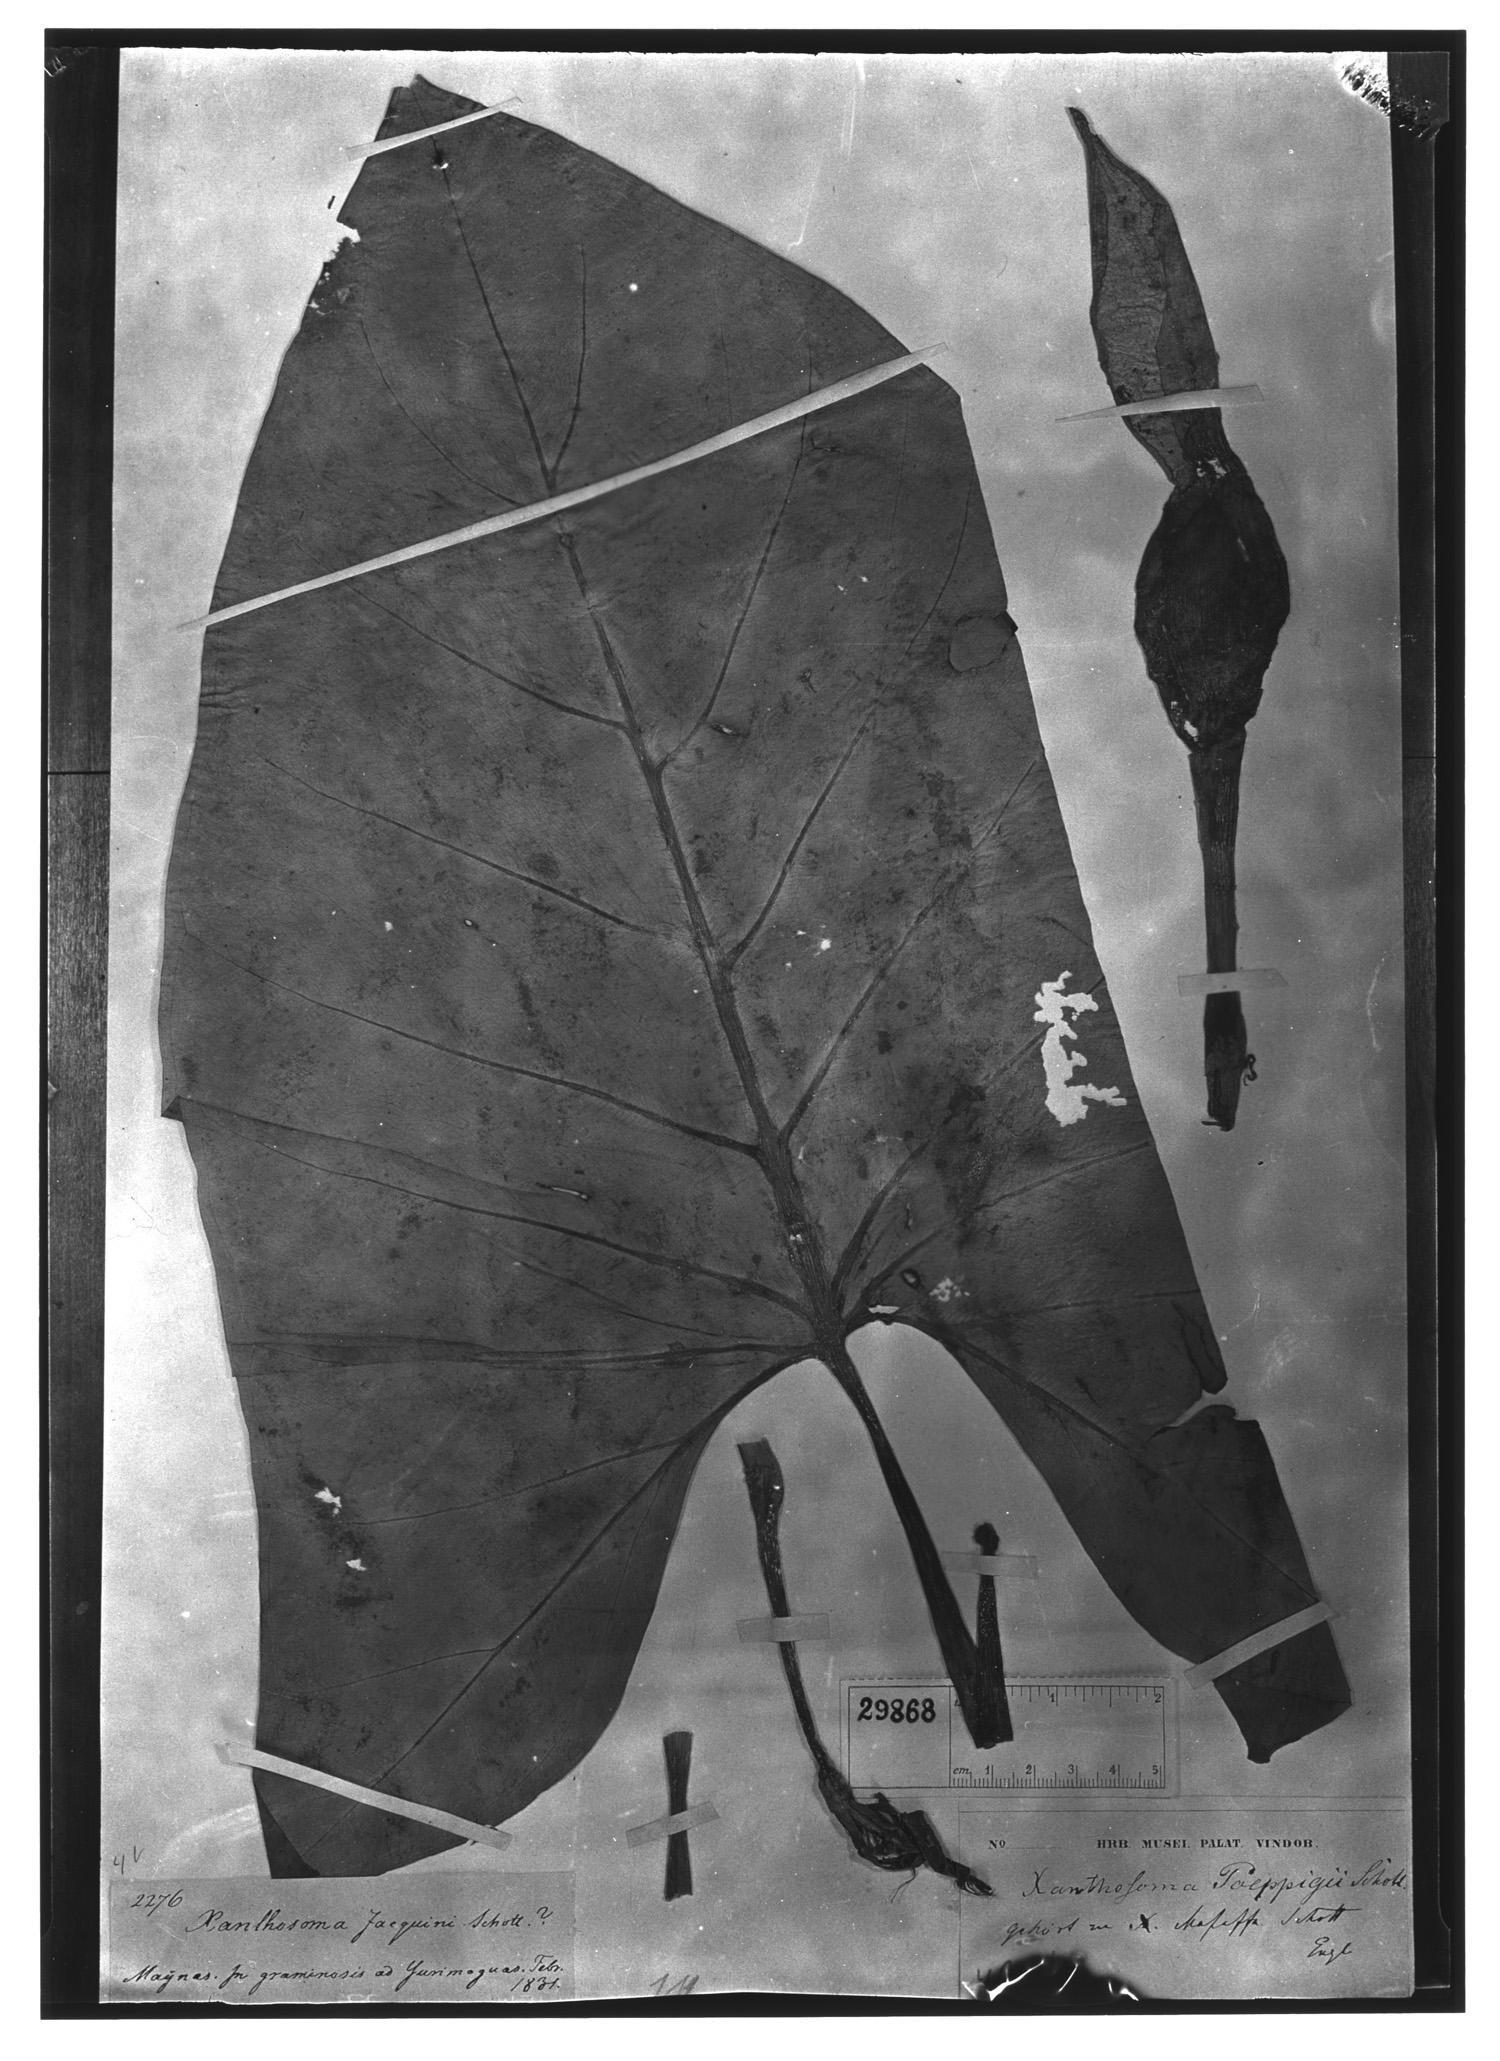 Xanthosoma poeppigii image